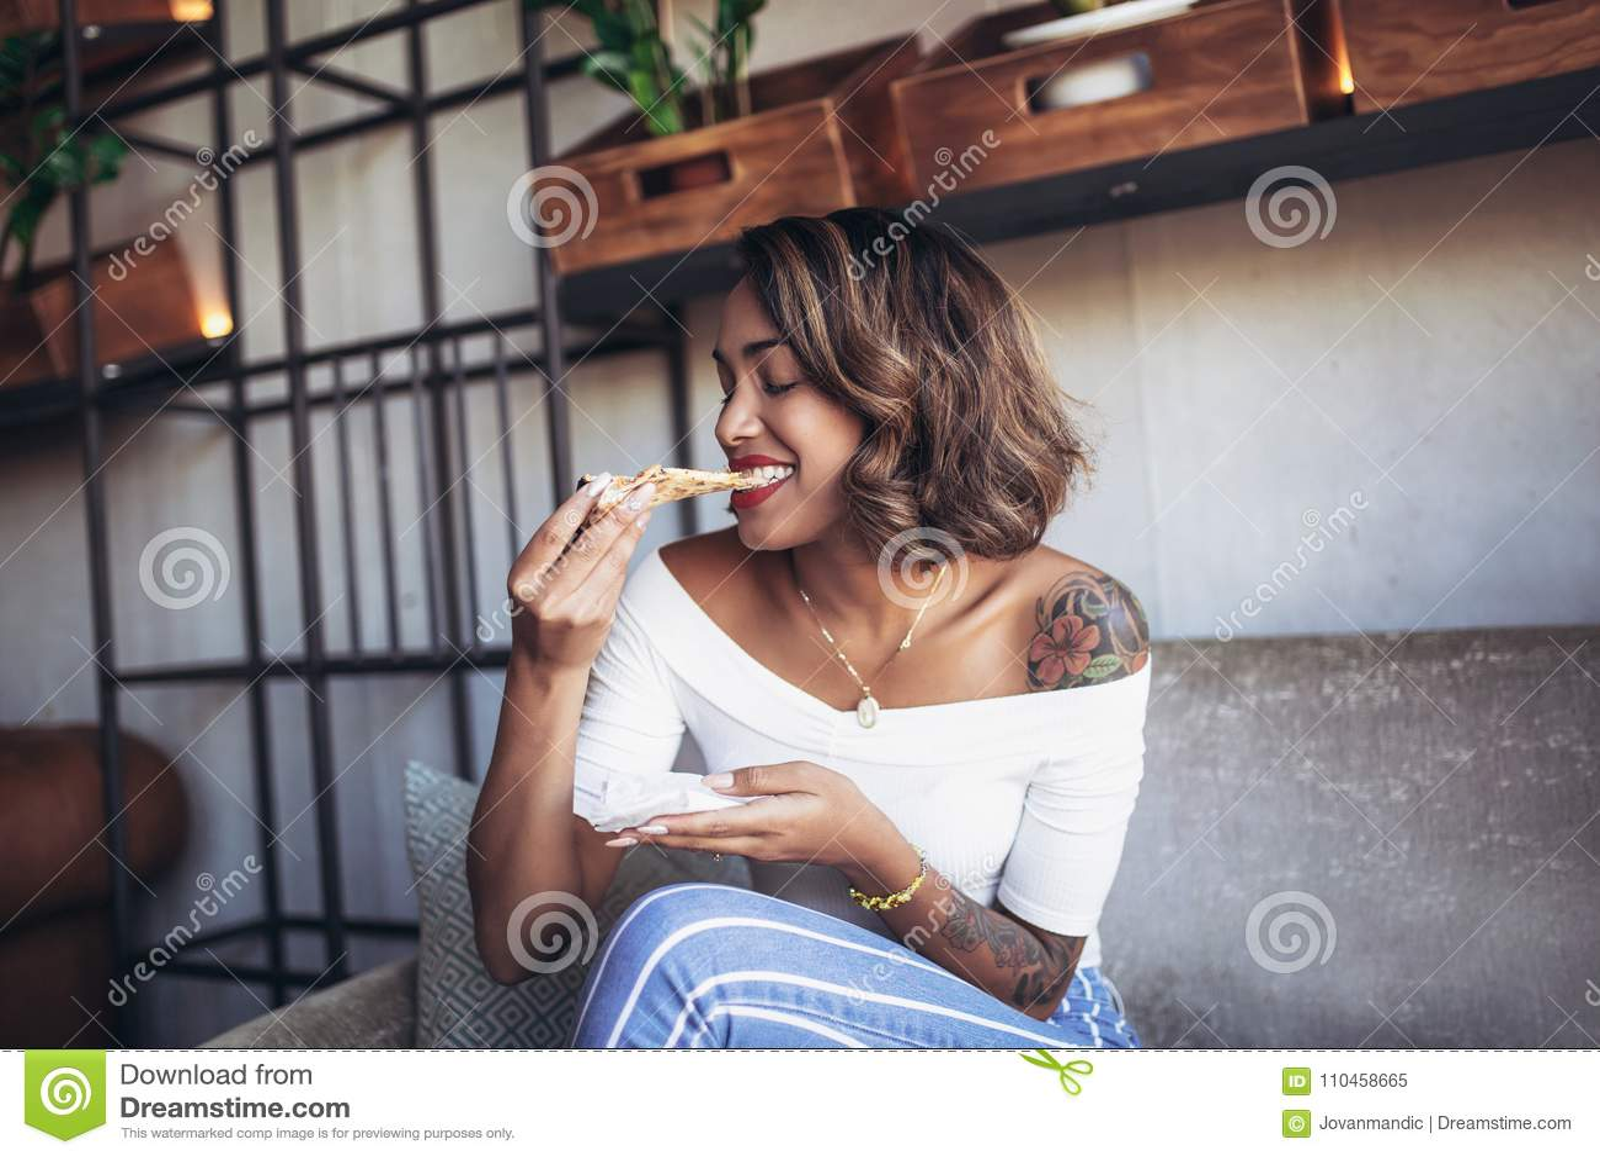 Kubansk kvinna som äter pizza i kafé